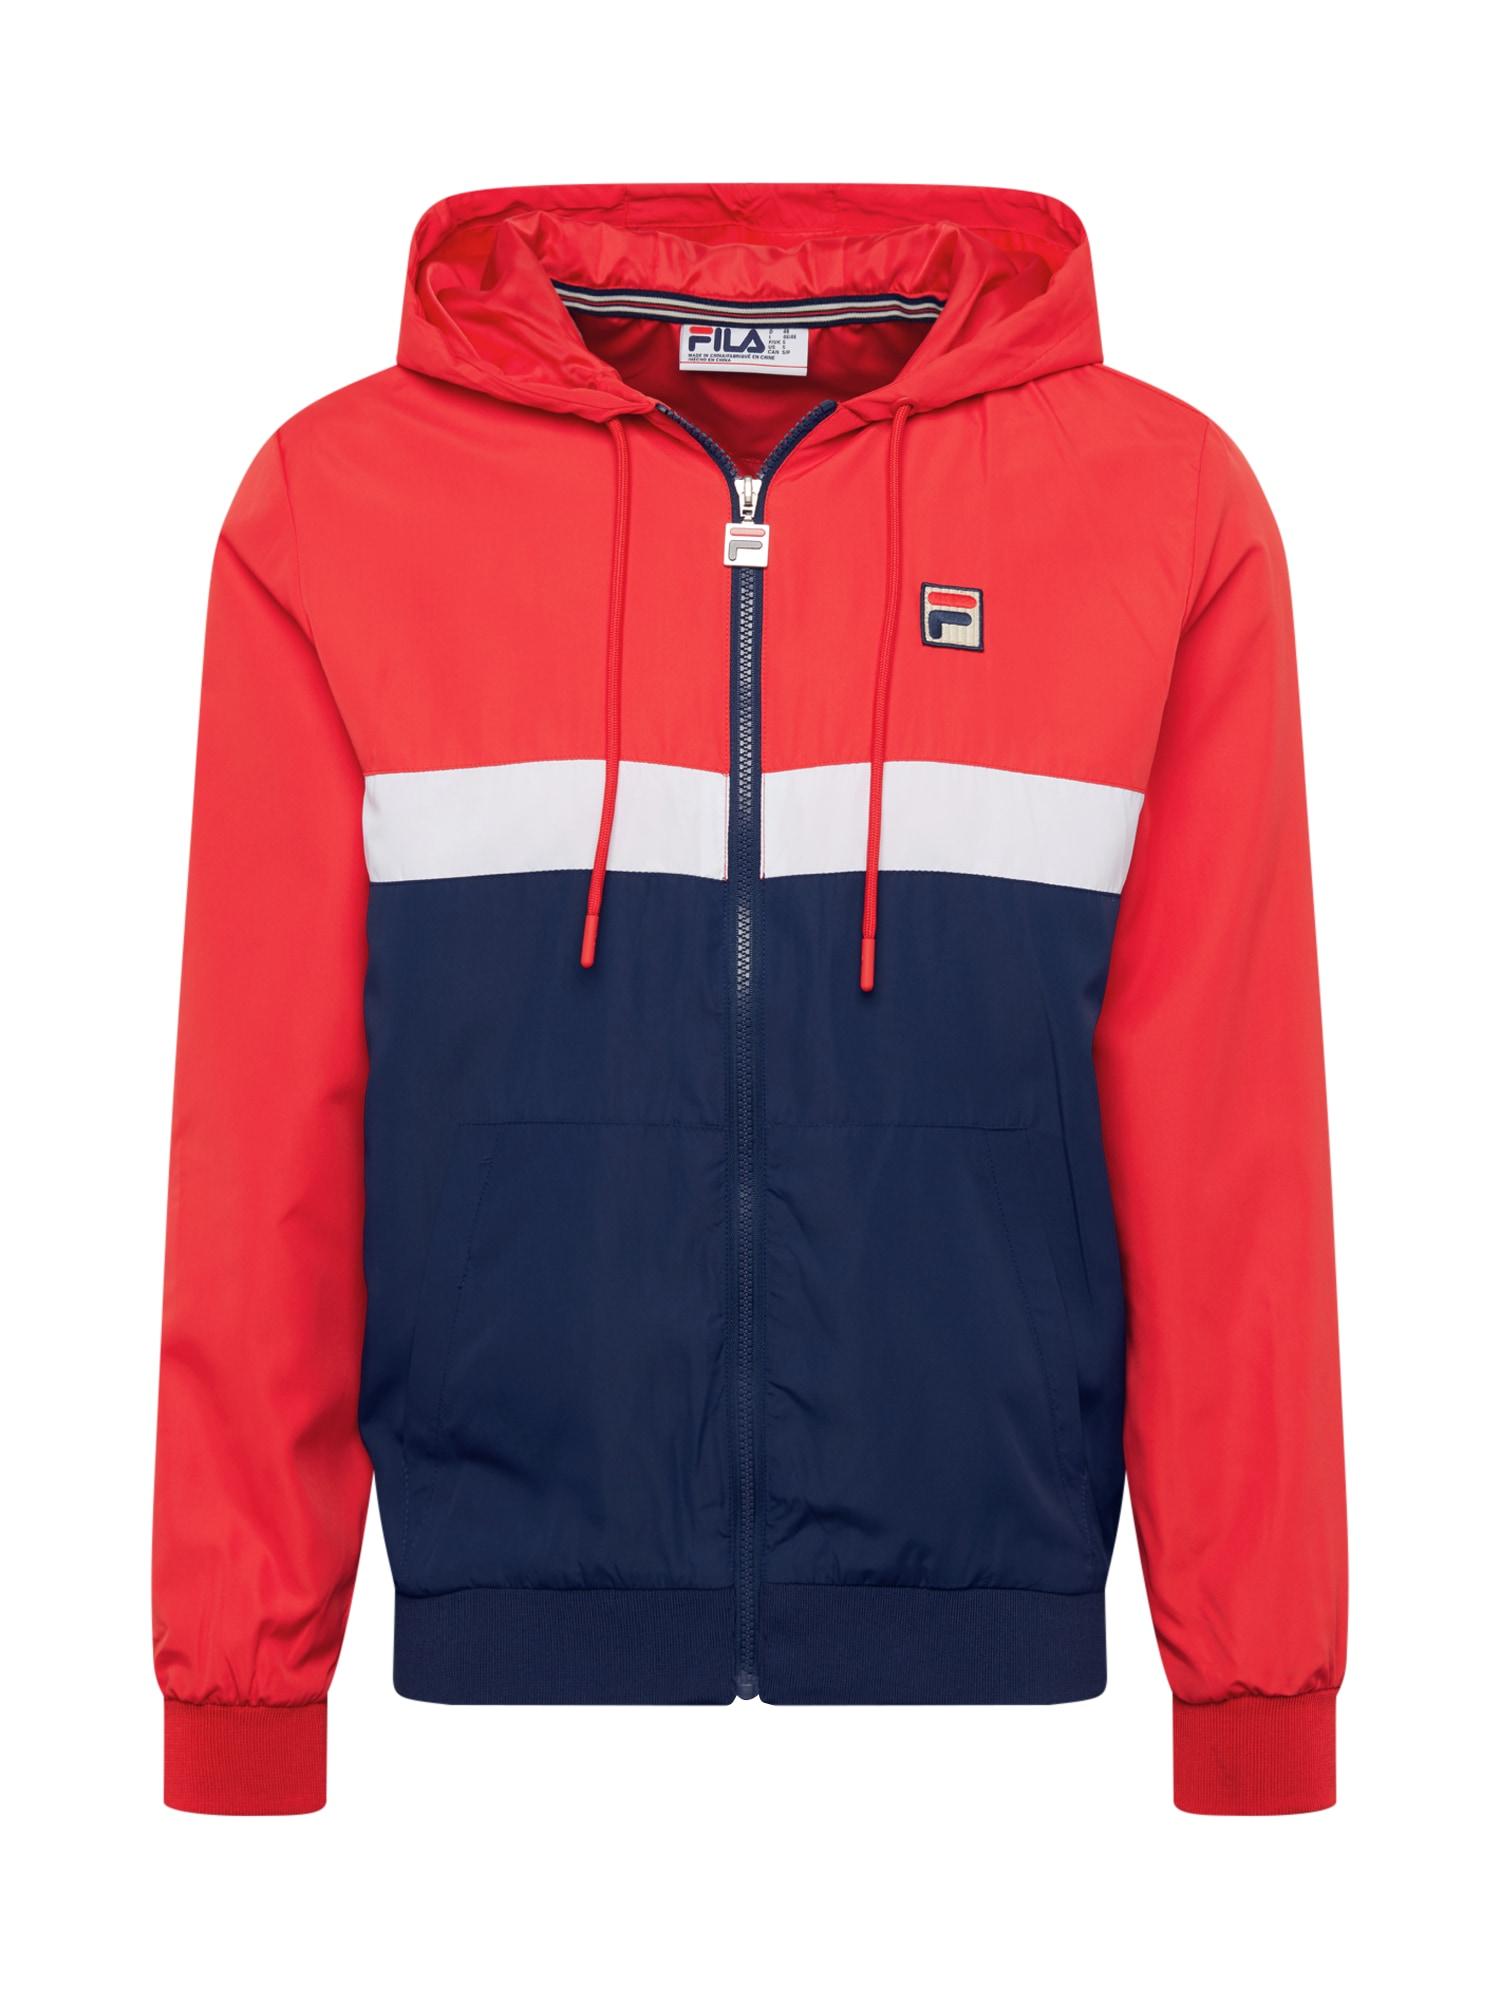 Mikina s kapucí  tmavě modrá  červená FILA